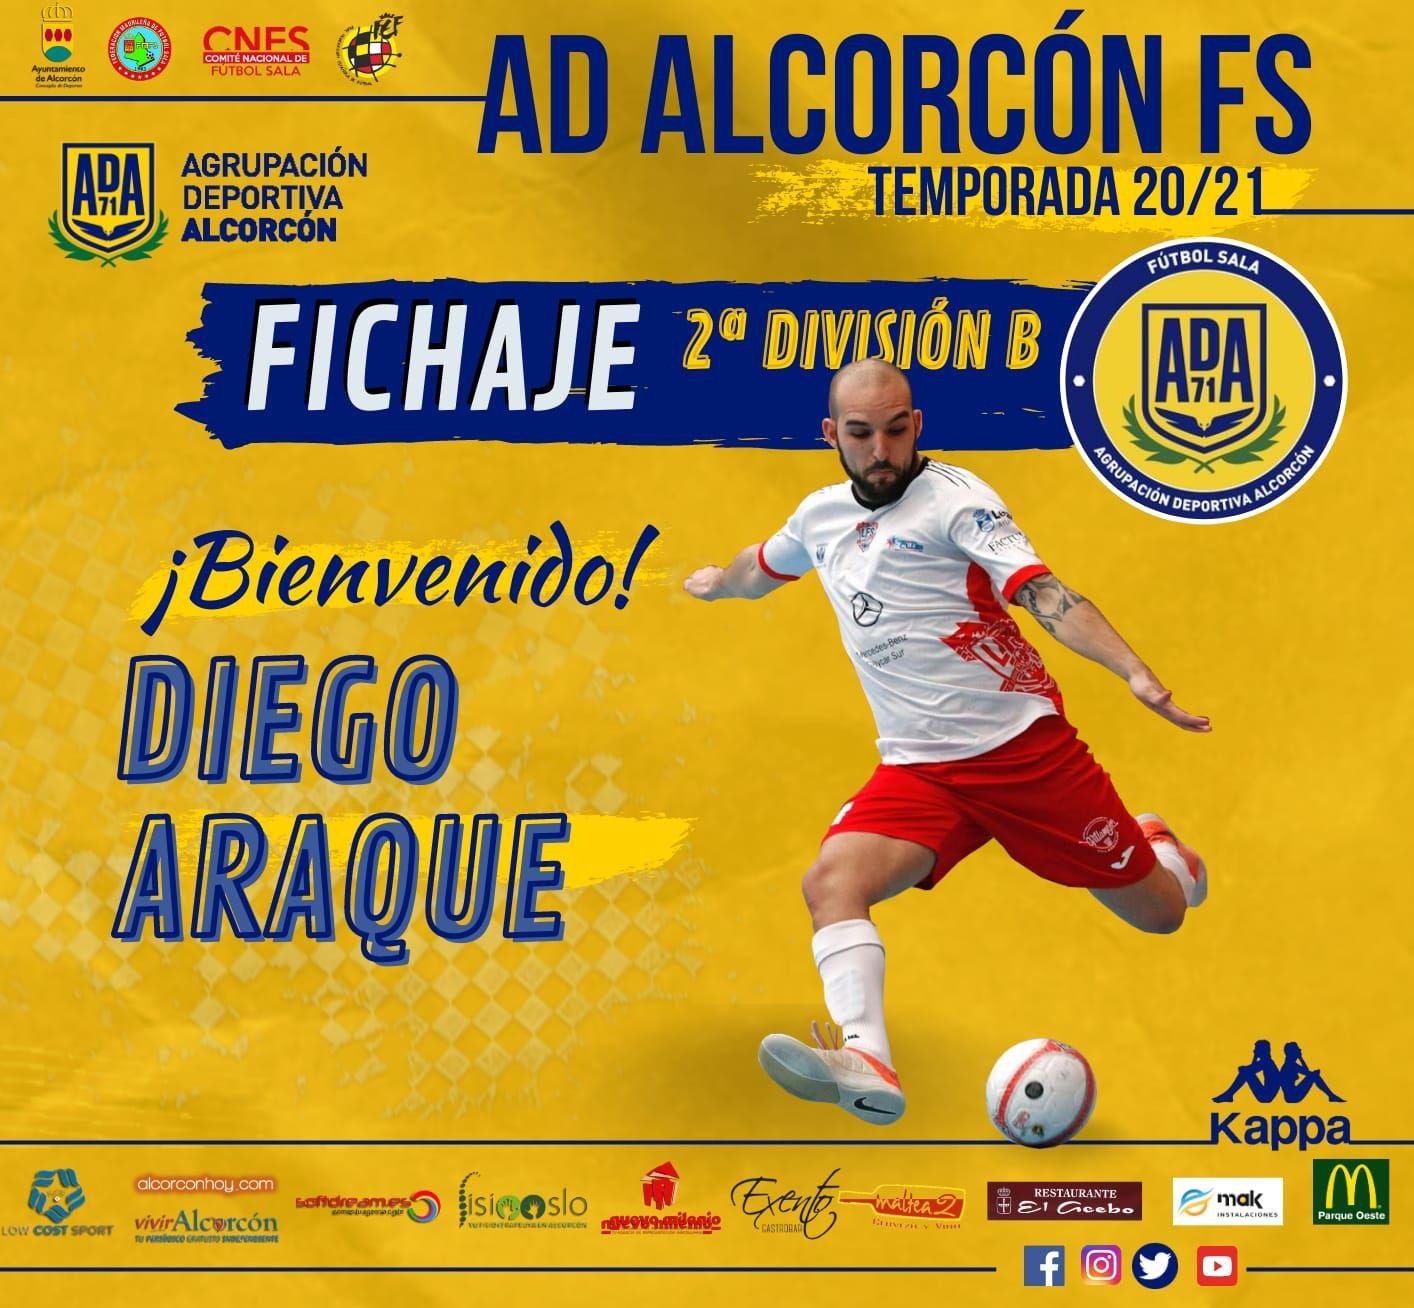 El AD Alcorcón FS cierra la plantilla con el fichaje de Diego Araque